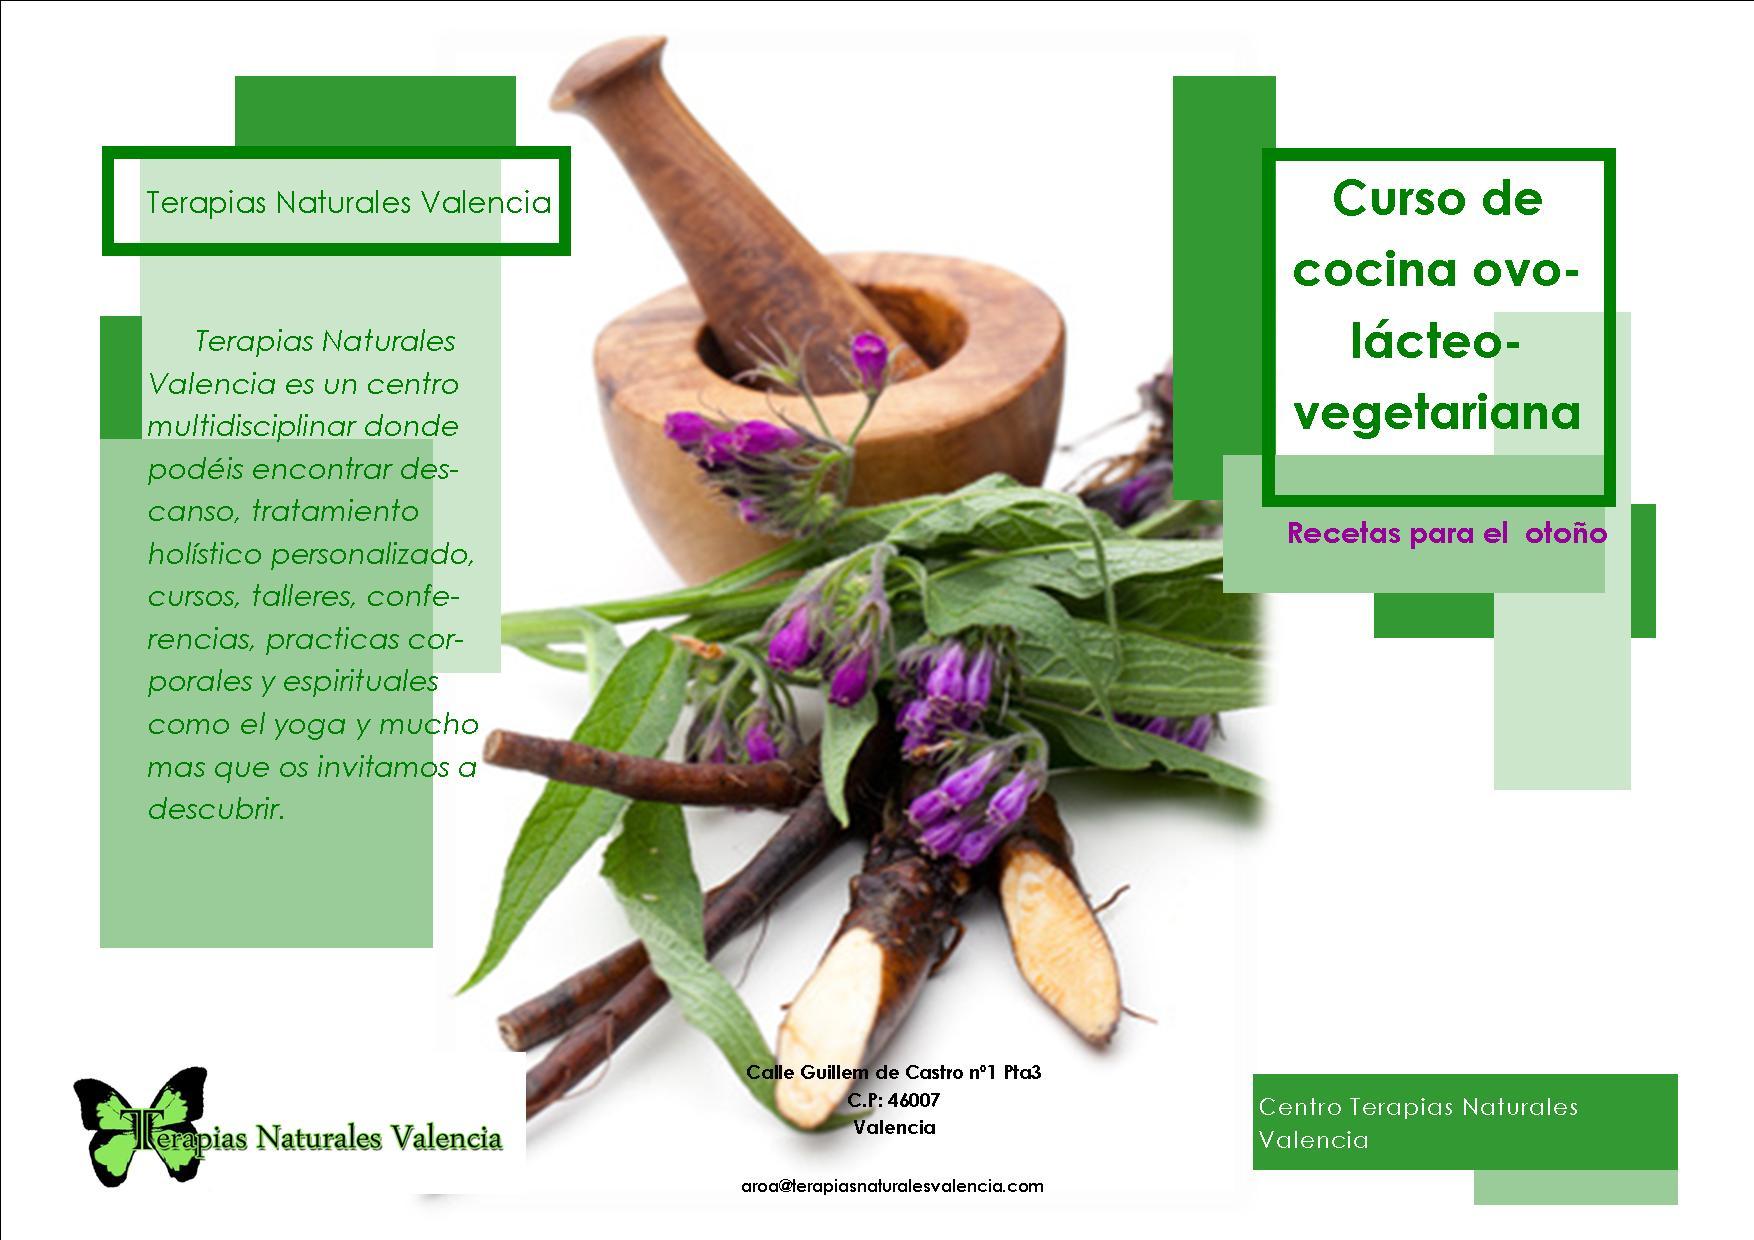 Bonito curso de cocina vegana im genes curso de cocina - Clases de cocina medellin ...